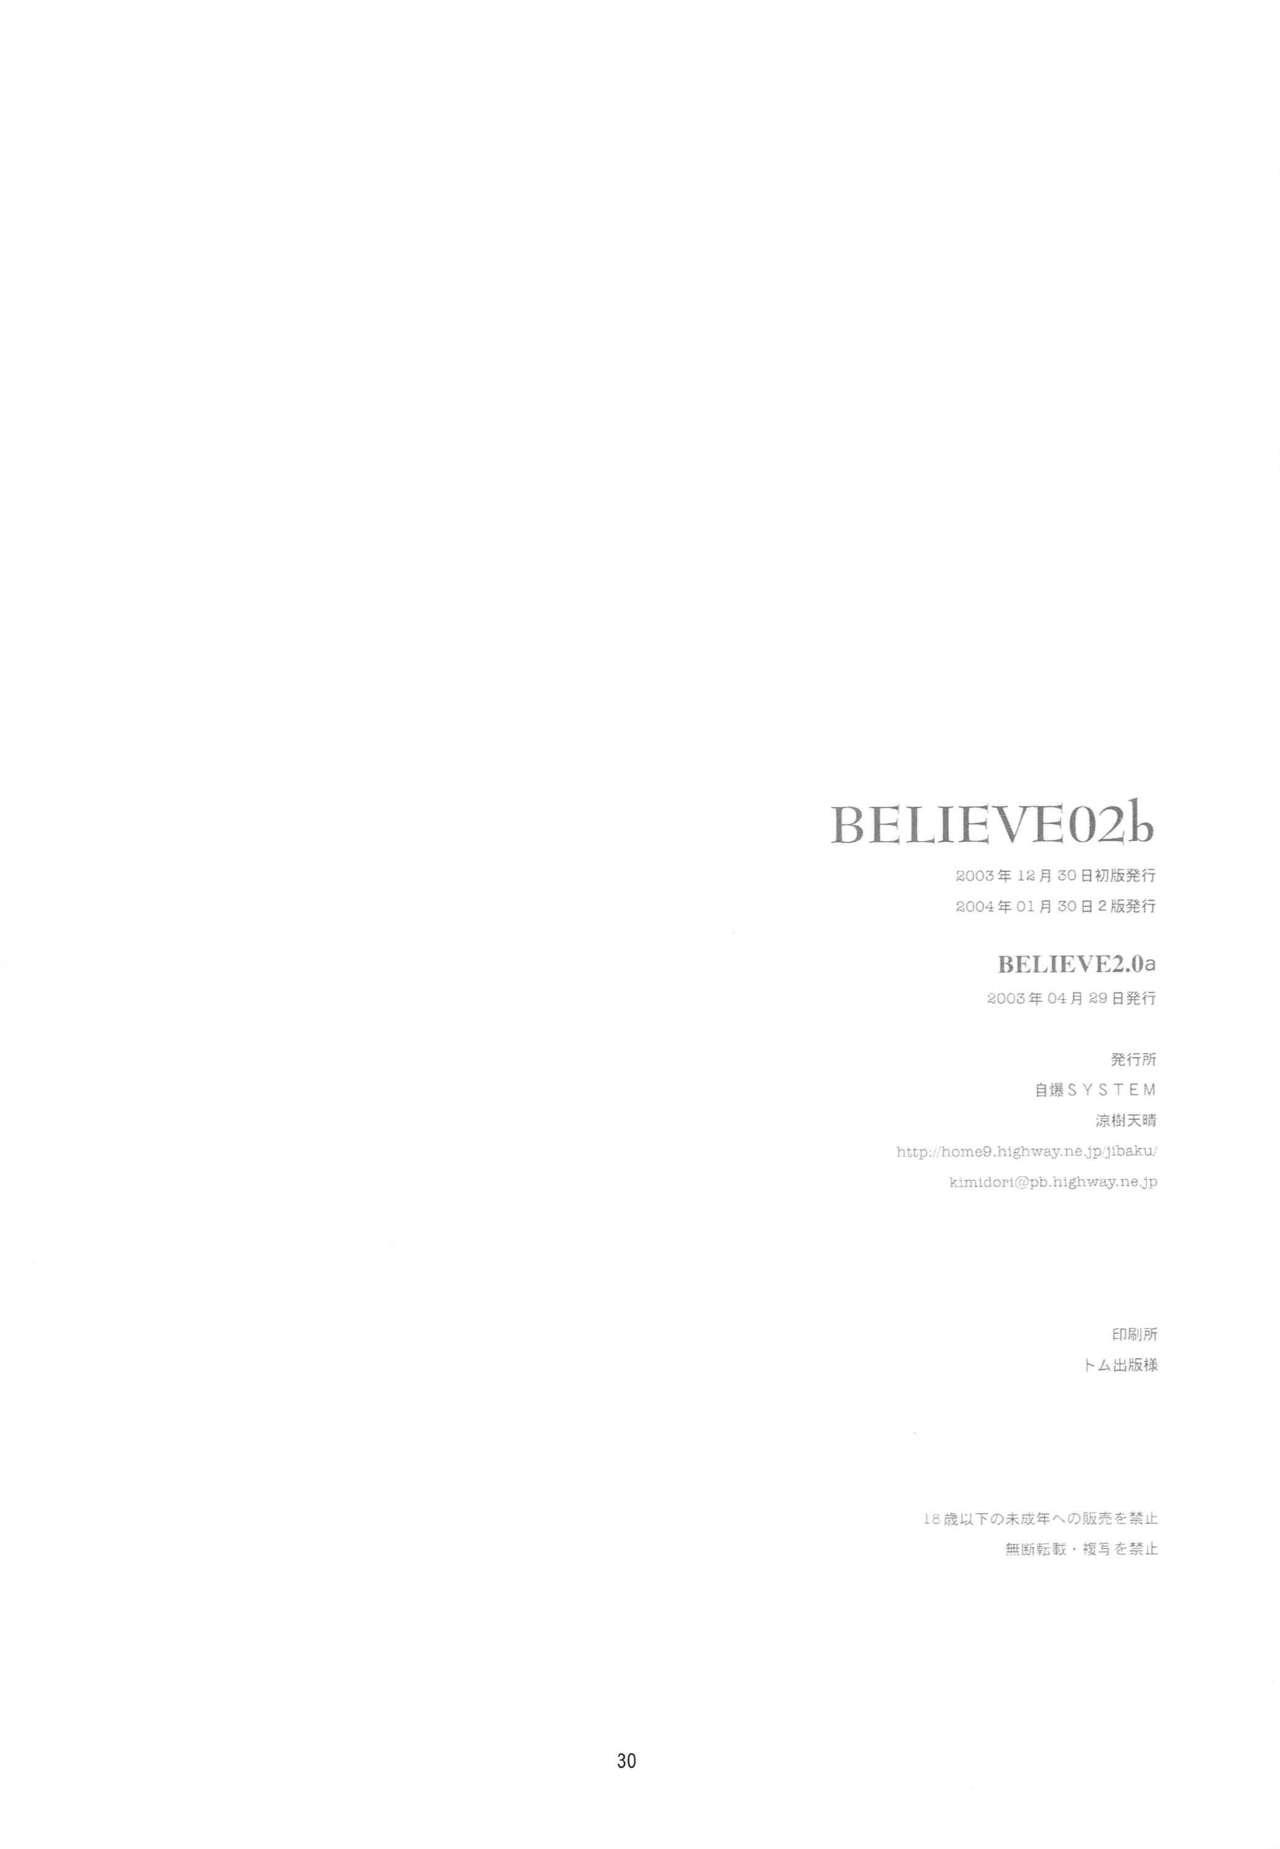 BELIEVE 02b 28